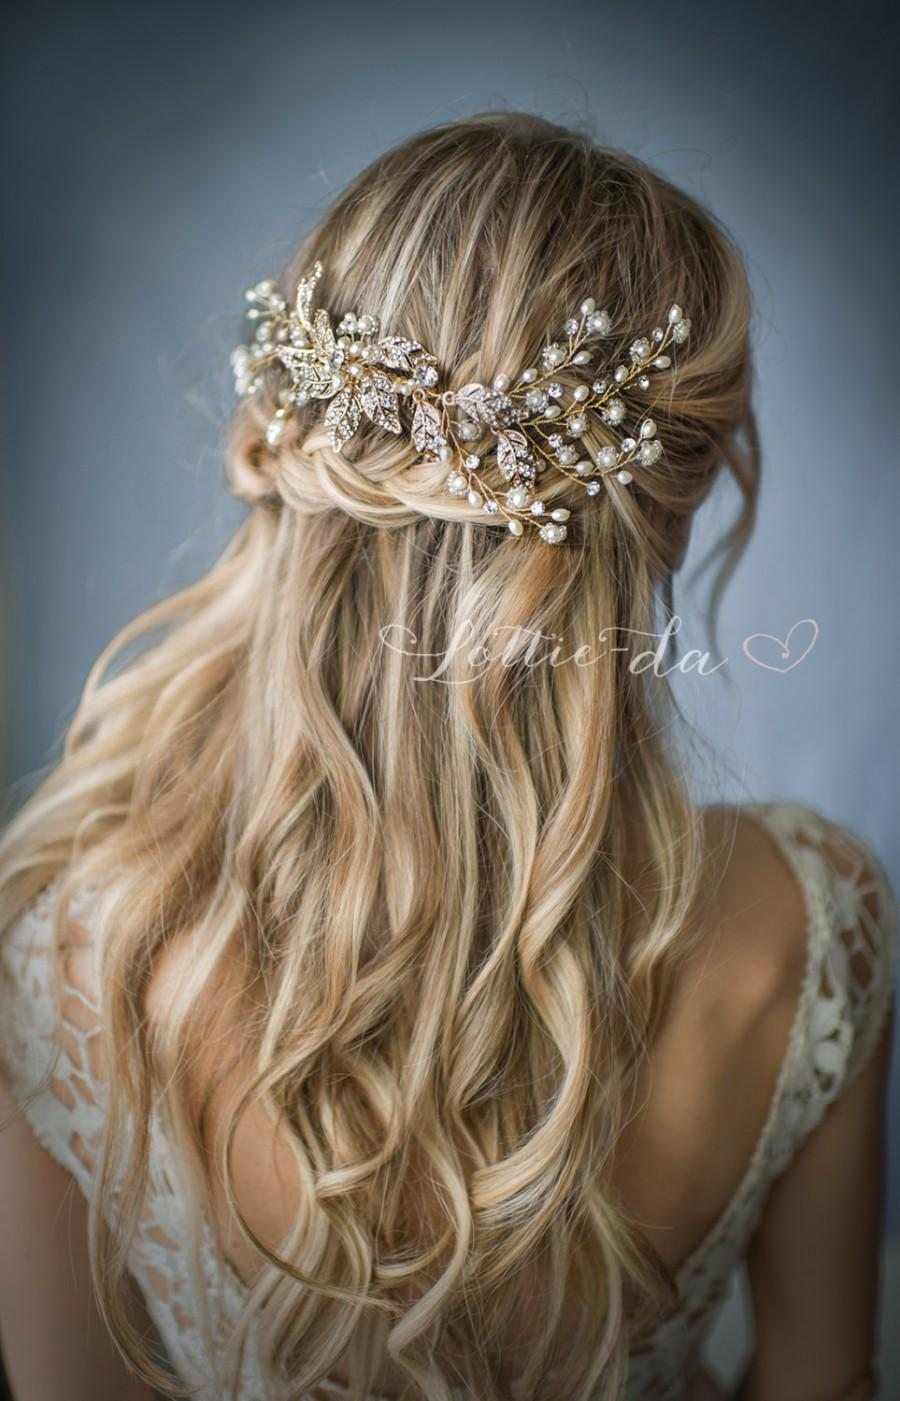 Wedding - Boho Gold or Silver Flower Leaf Hair Vine Wedding Headpiece, Wire Hair comb, Wedding Gold Hair vine leaves, Boho Headpiece - 'EMMALINE'